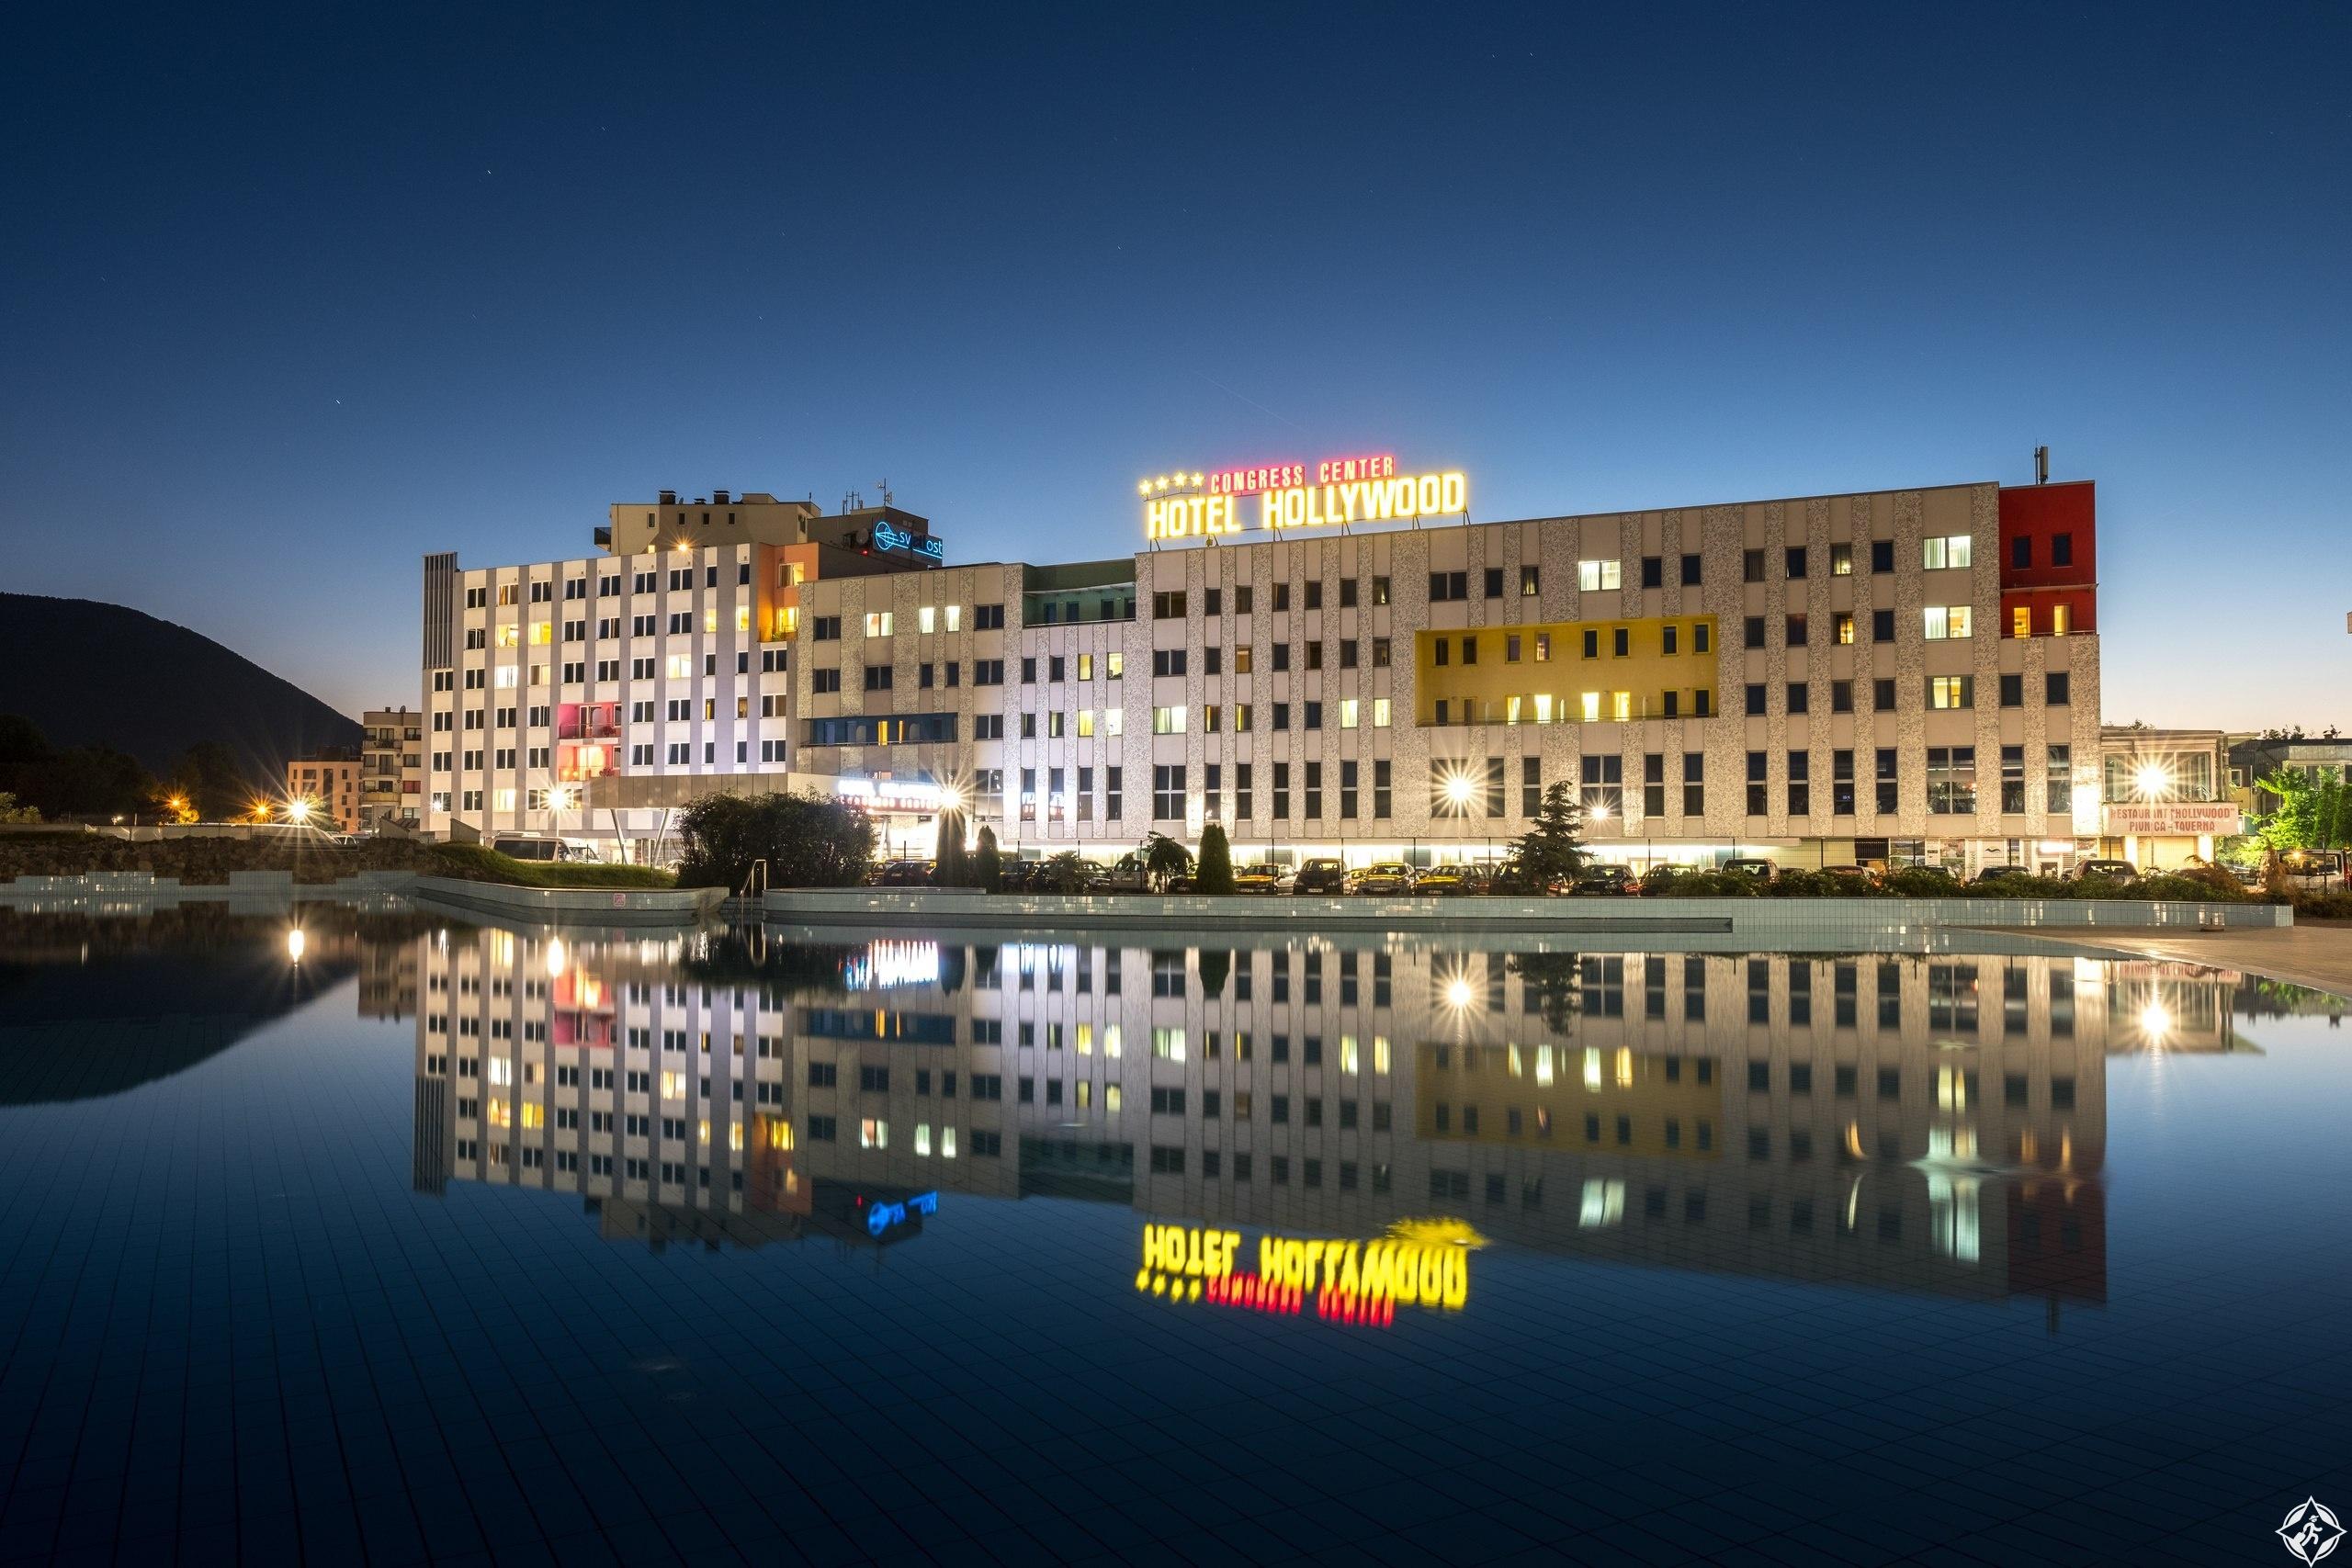 الفنادق العائلية في سراييفو - فندق هوليوود